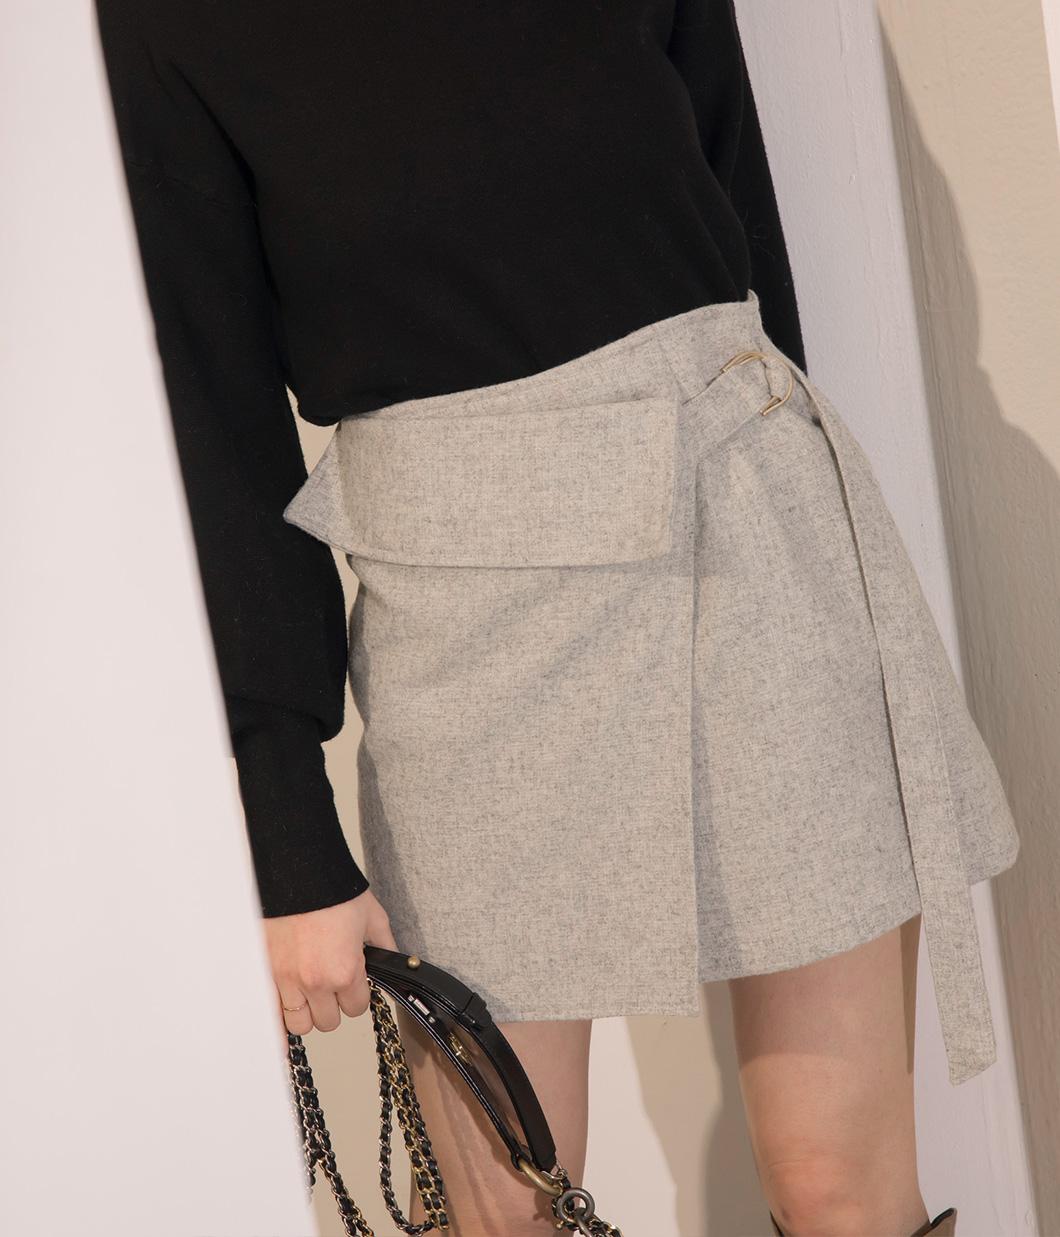 37.率性釦環交疊式毛呢短裙